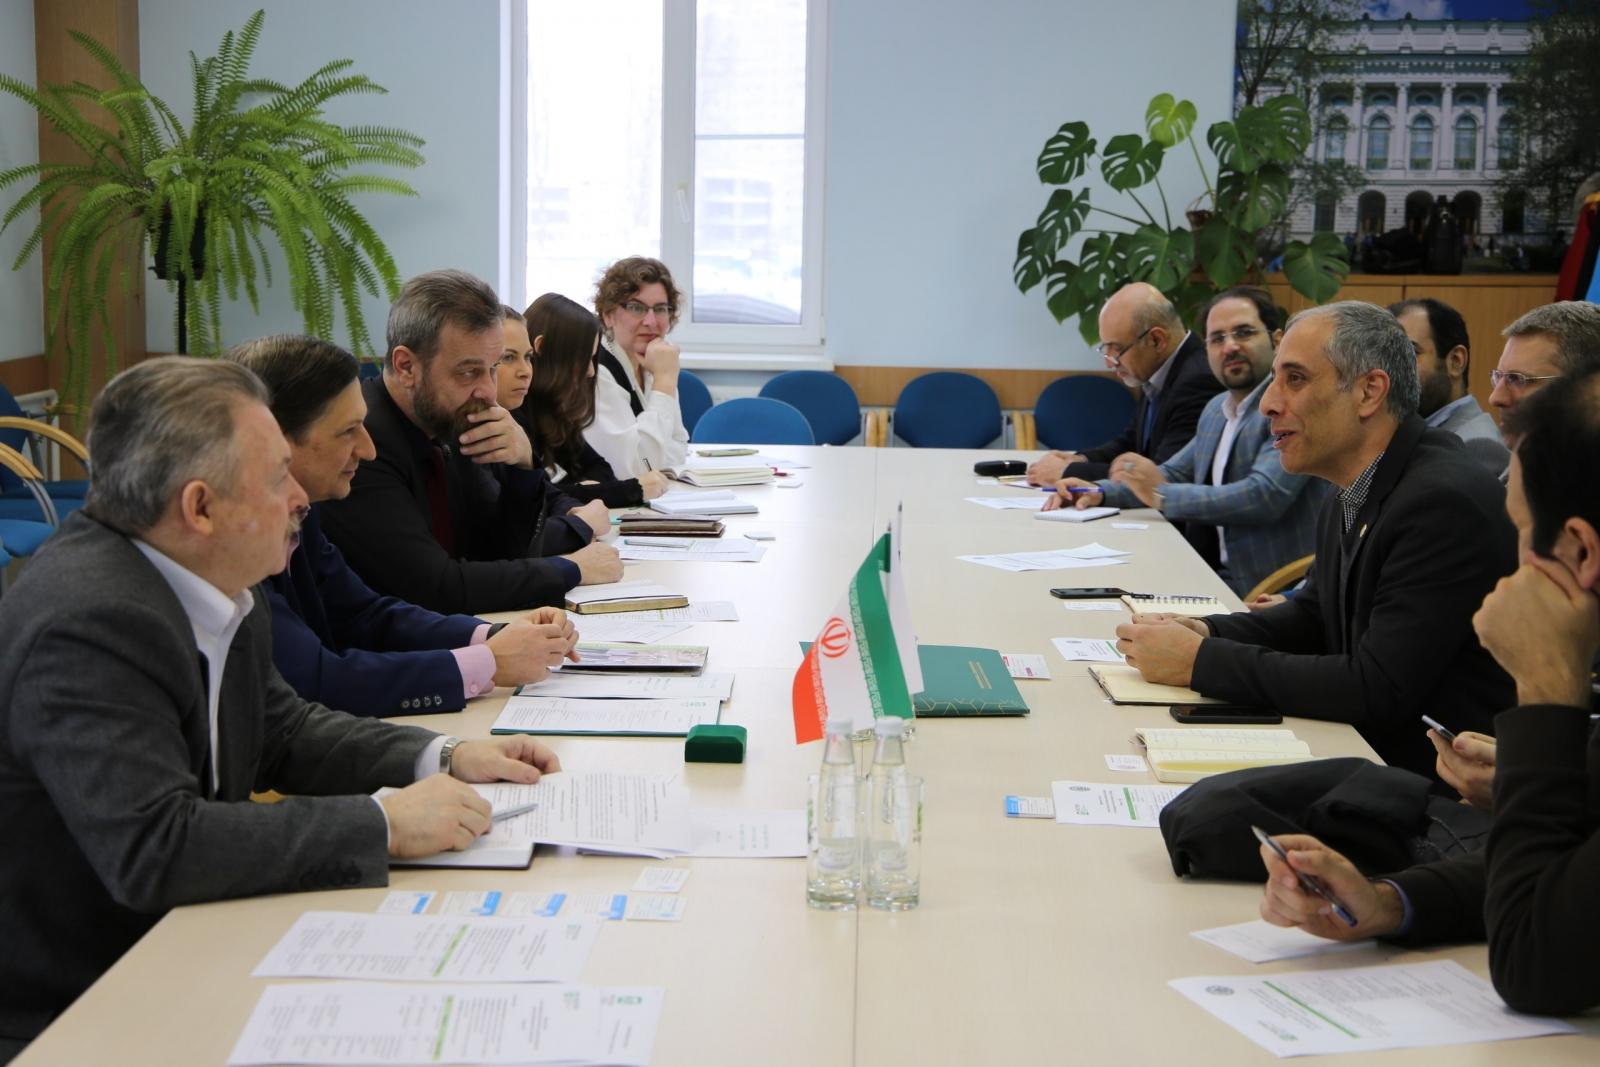 Новые шаги в развитии отношений СПбПУ и Технологического университета Шарифа